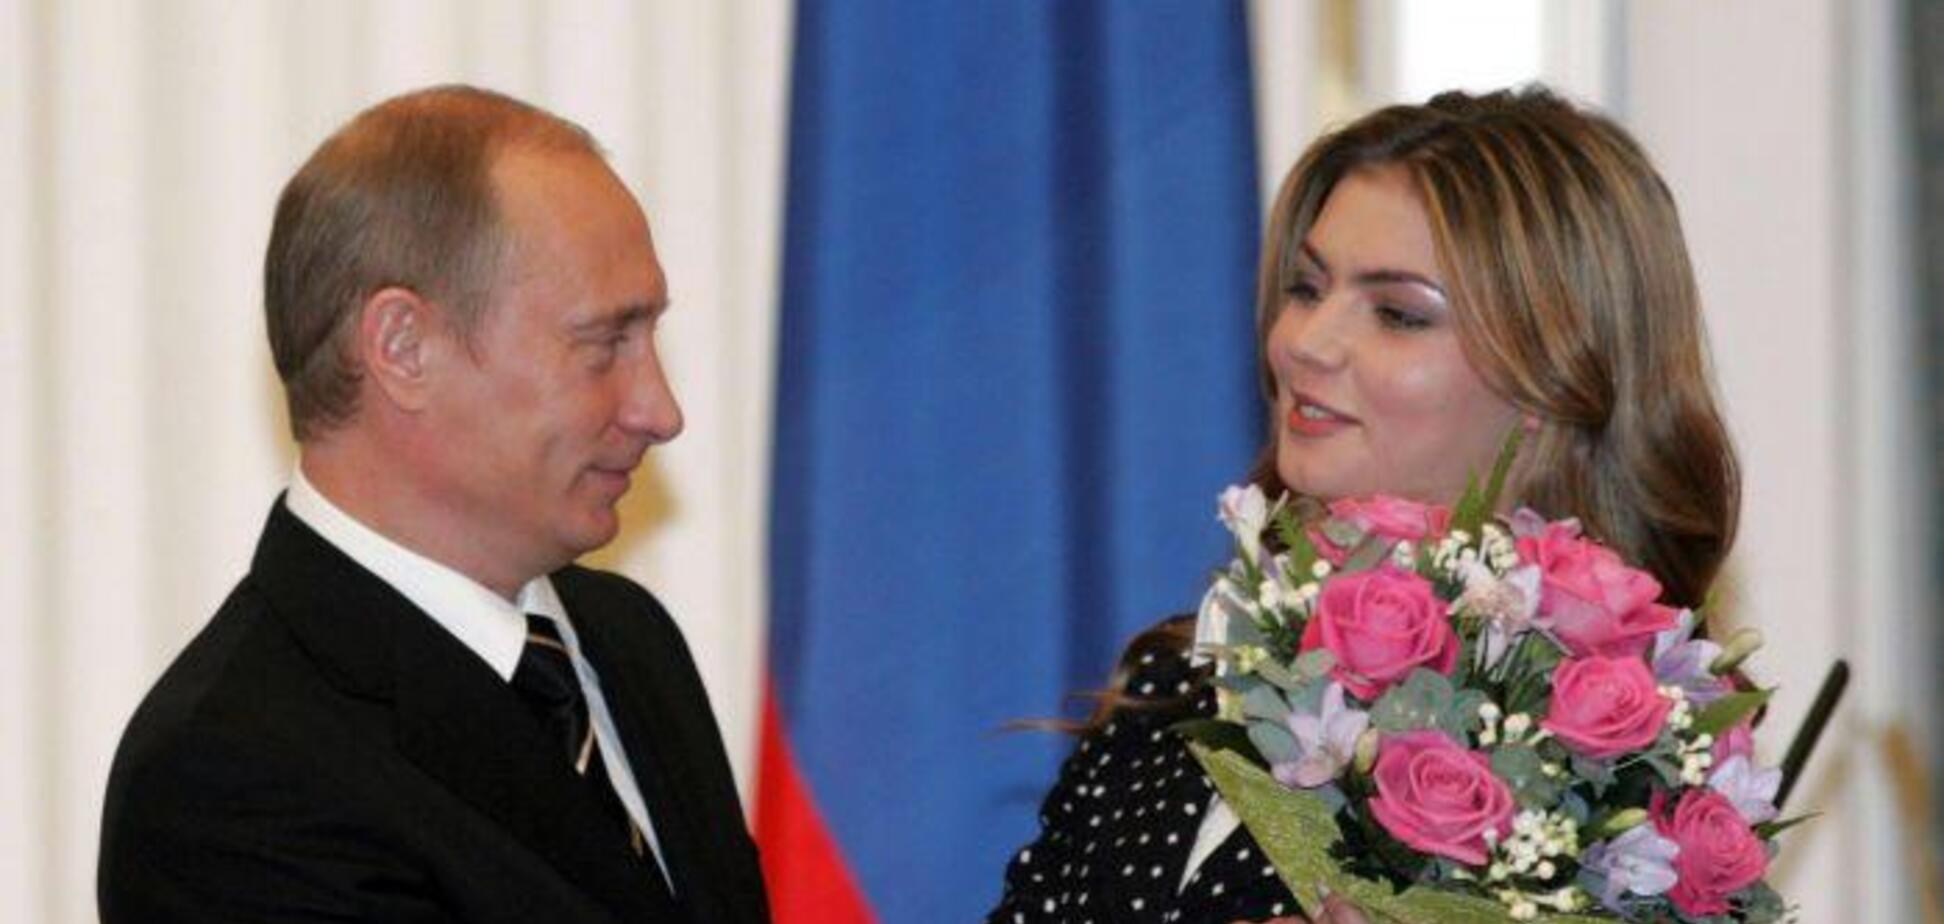 Любовница Путина родила двойню: в России раздобыли новую сенсацию о событии